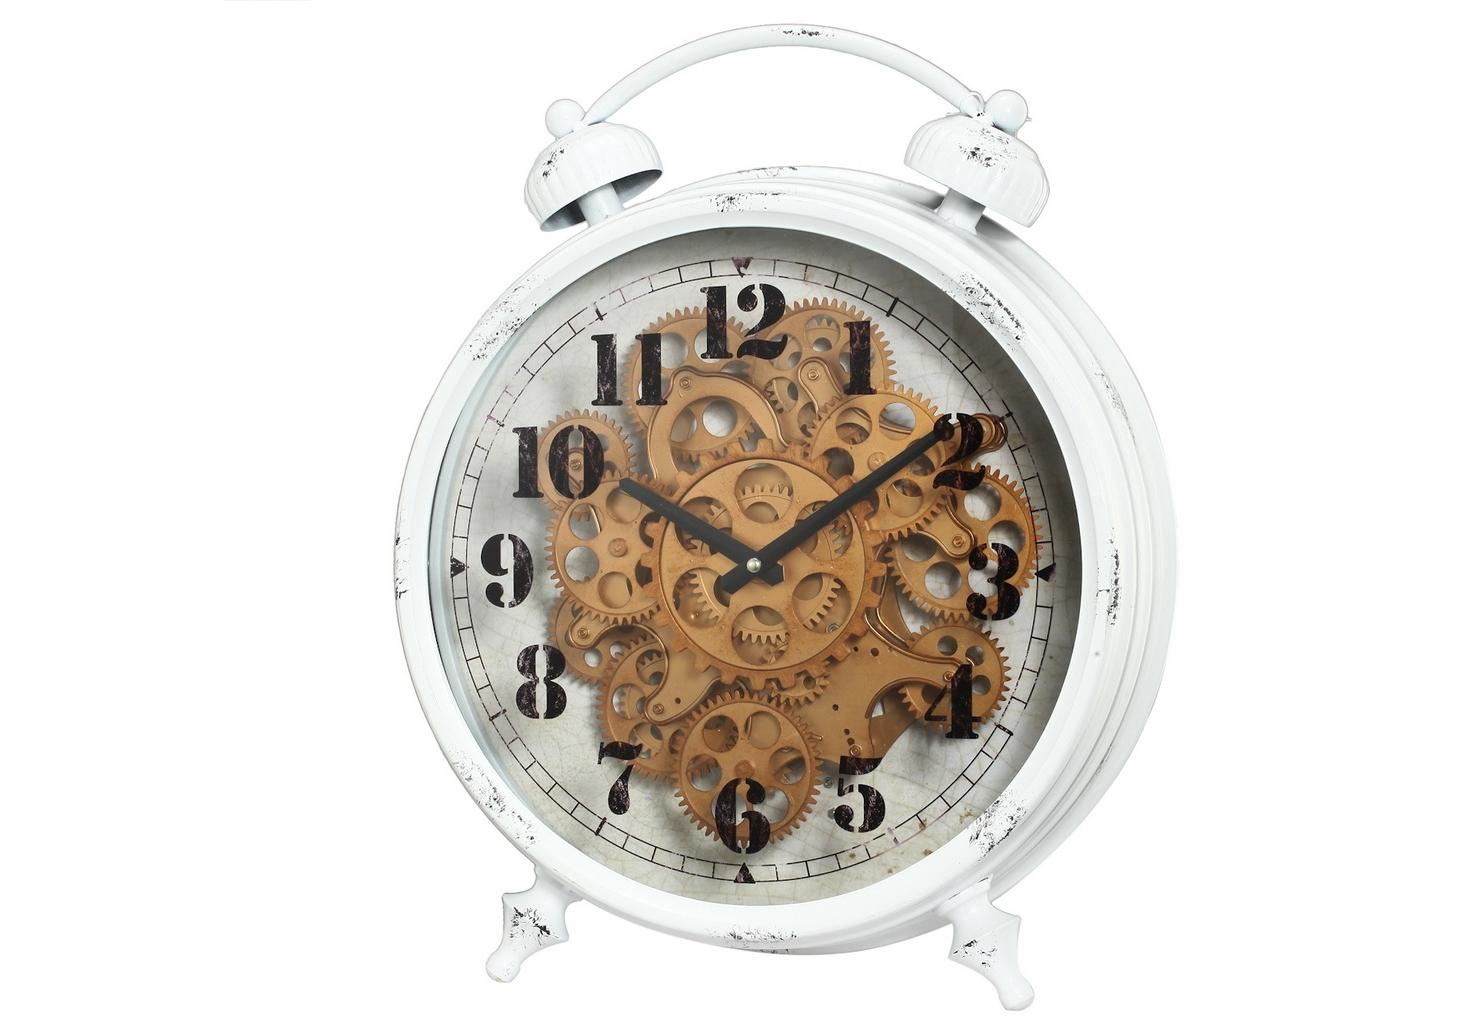 Часы настольныеНастольные часы<br>&amp;lt;div&amp;gt;&amp;lt;span style=&amp;quot;line-height: 24.9999px;&amp;quot;&amp;gt;Кварцевый механизм.&amp;lt;/span&amp;gt;&amp;lt;br&amp;gt;&amp;lt;/div&amp;gt;Вес 3.75 кг.<br><br>Material: Металл<br>Width см: 40<br>Depth см: 12,5<br>Height см: 46